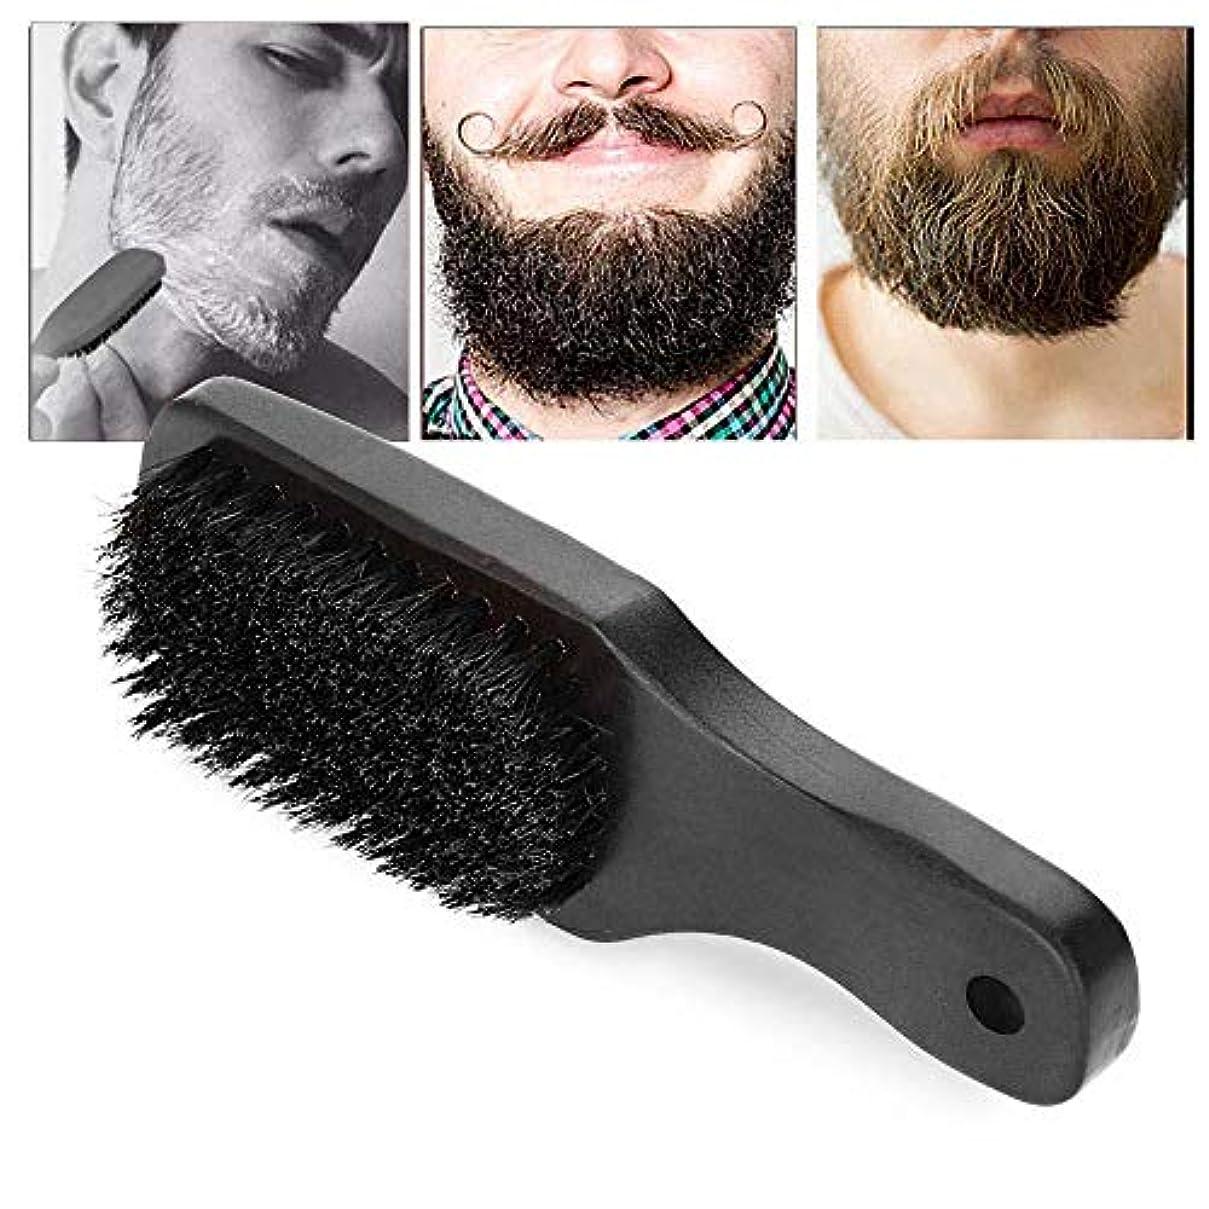 生理和解するモールス信号ポマードの毛の櫛、ひげのための剃るブラシの毛の手入れをするポマードの毛の櫛の人のひげを生やしたひげのクリーニングブラシの毛